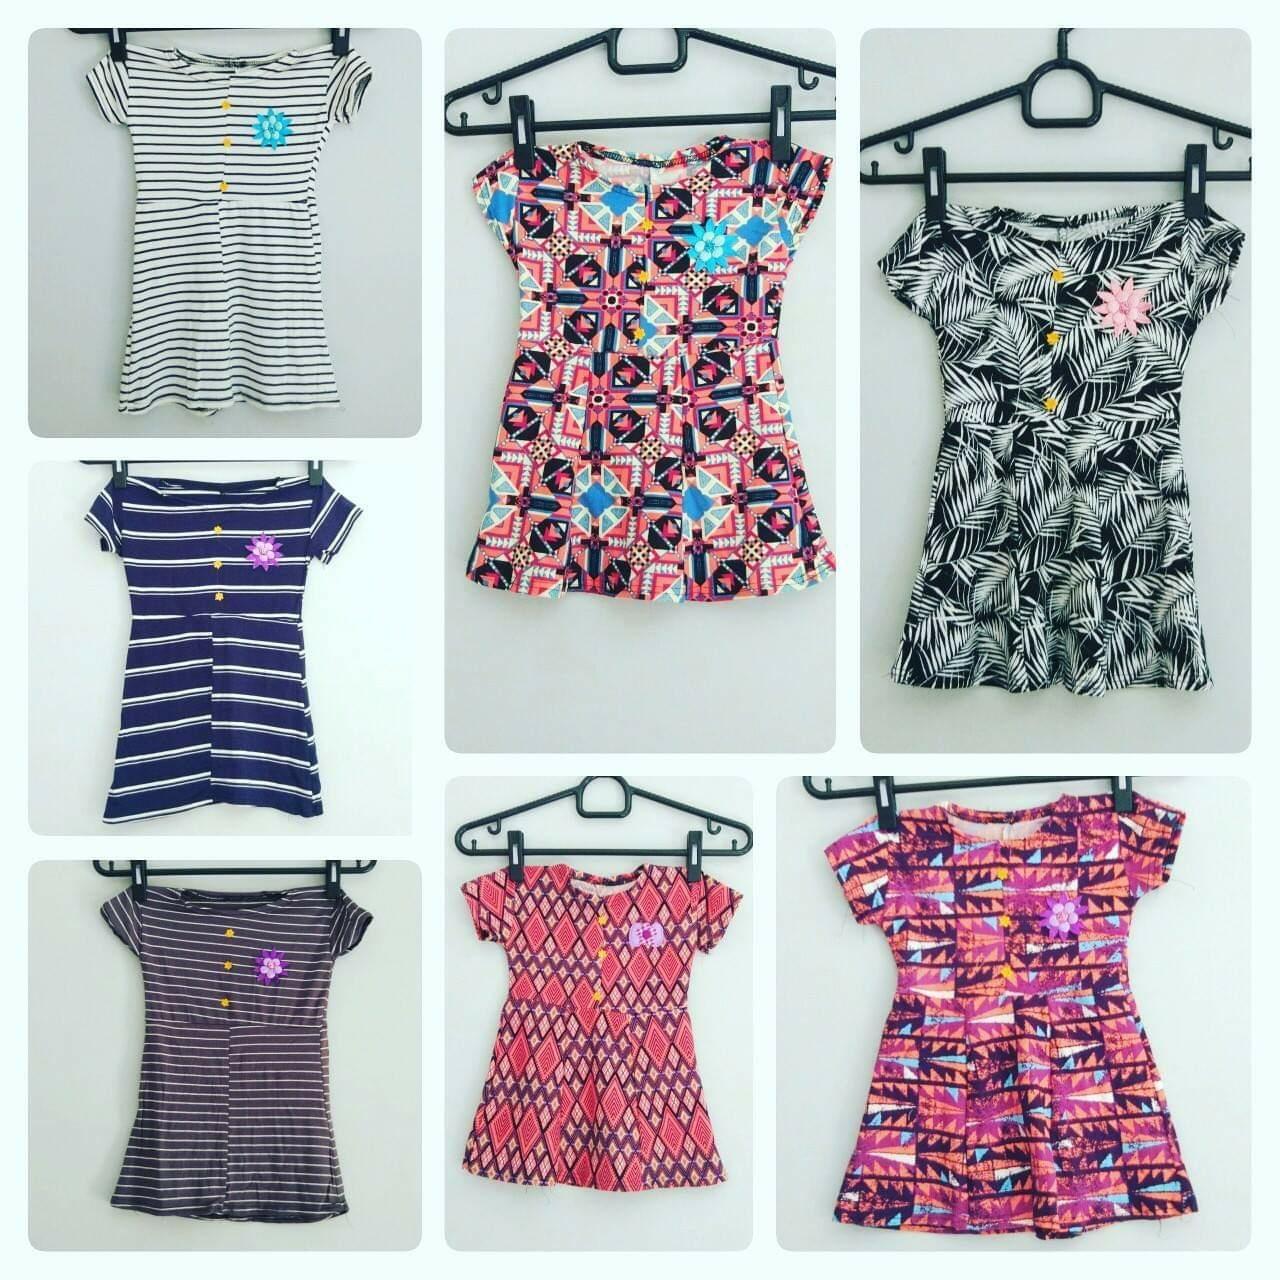 (PROMO) Dress Anak Lengan Pendek Perempuan 1-2thn Motif Random Bagus Murah